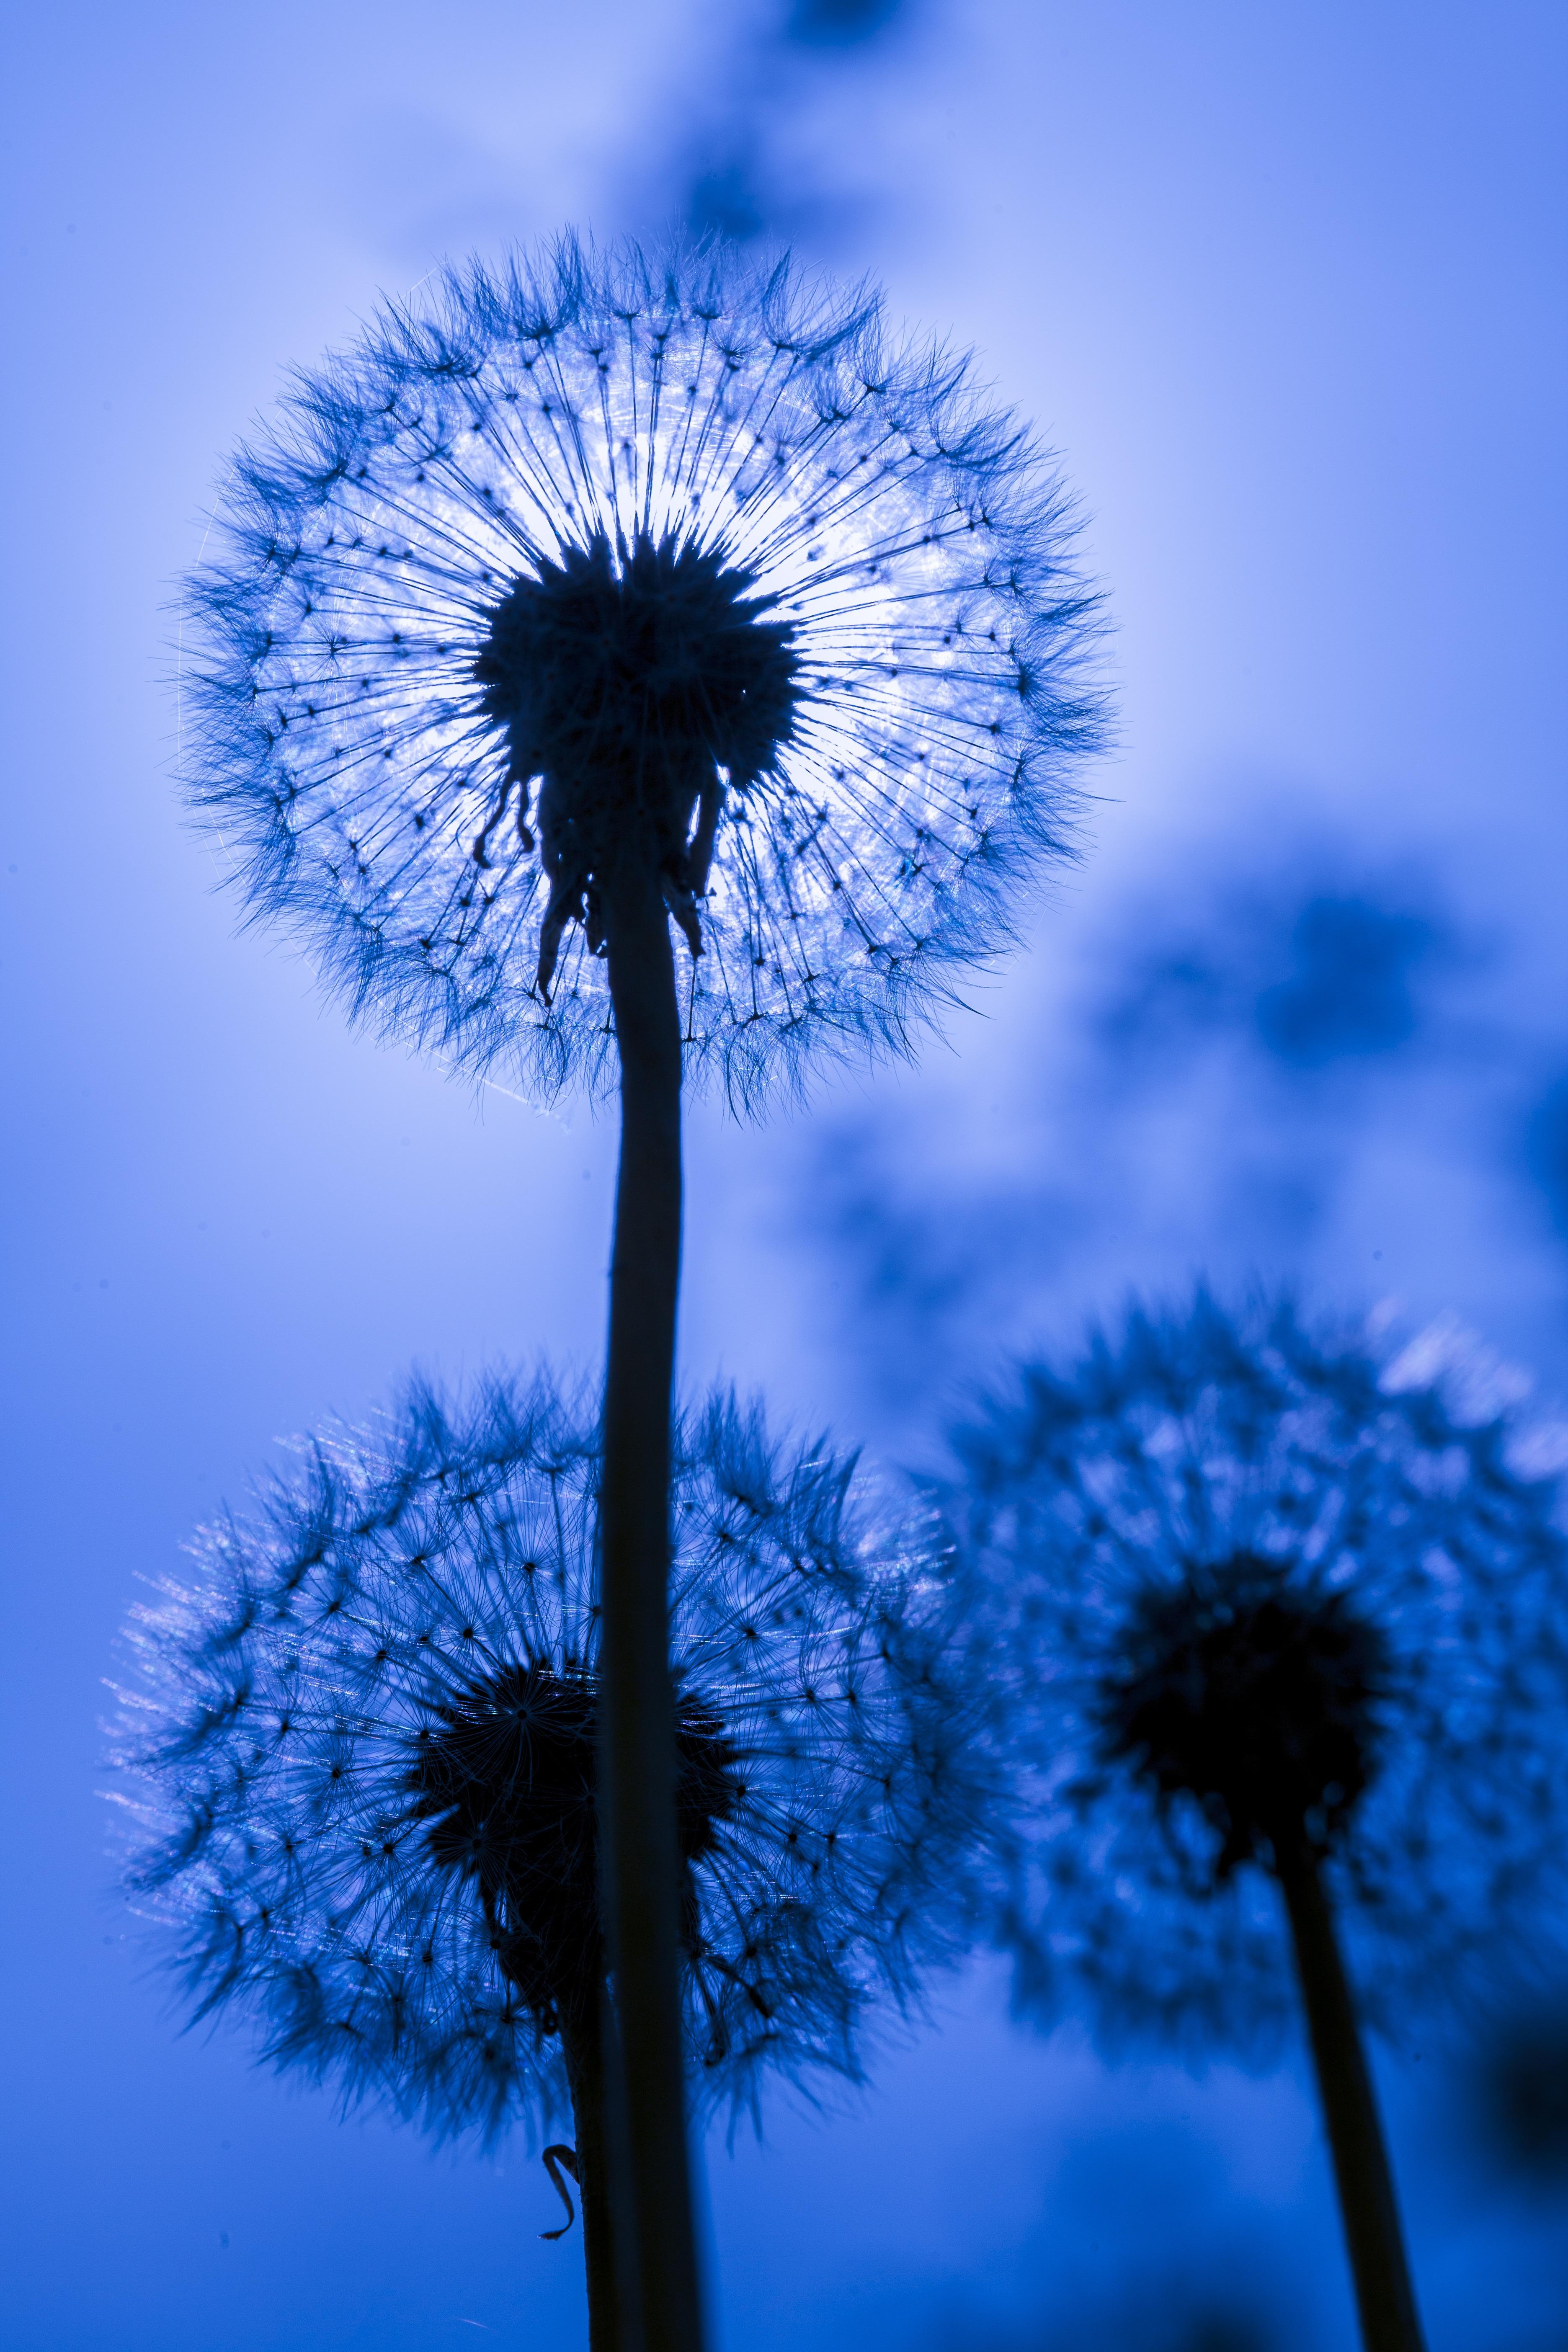 141186 Hintergrundbild herunterladen Blume, Löwenzahn, Makro, Flaum, Fuzz - Bildschirmschoner und Bilder kostenlos